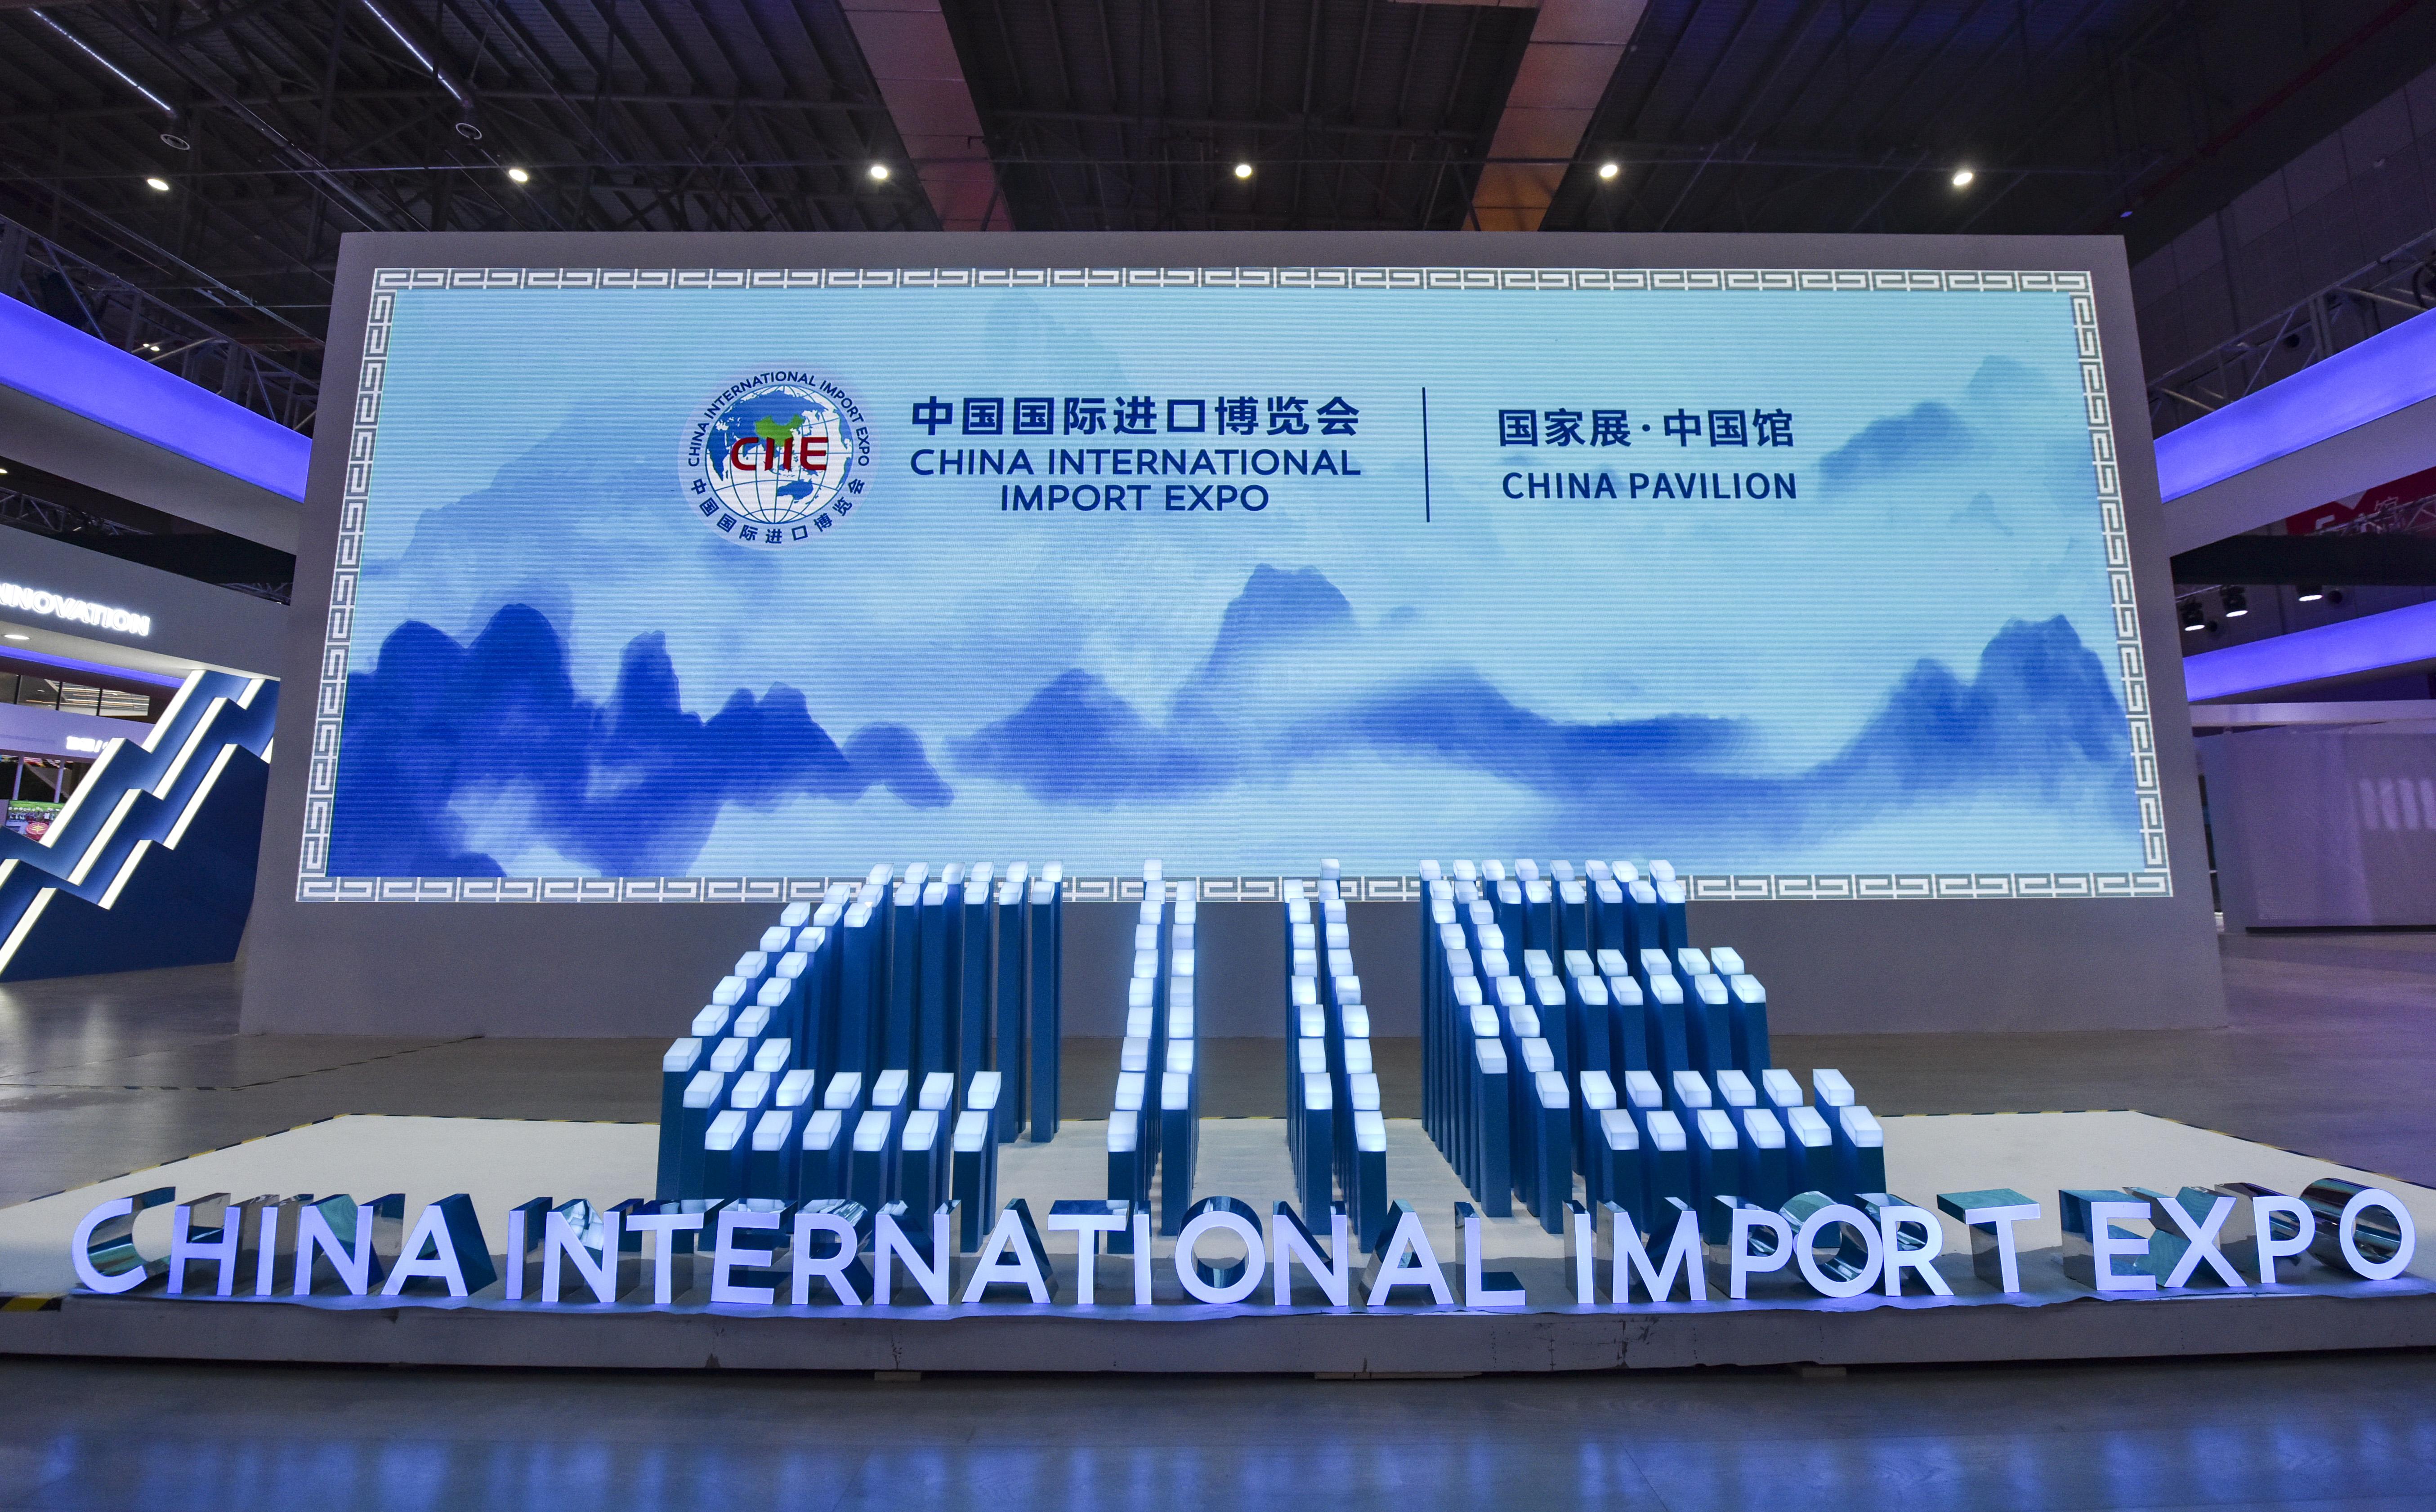 7+1不一般 | 国家展:中国馆展示改革开放巨大成就